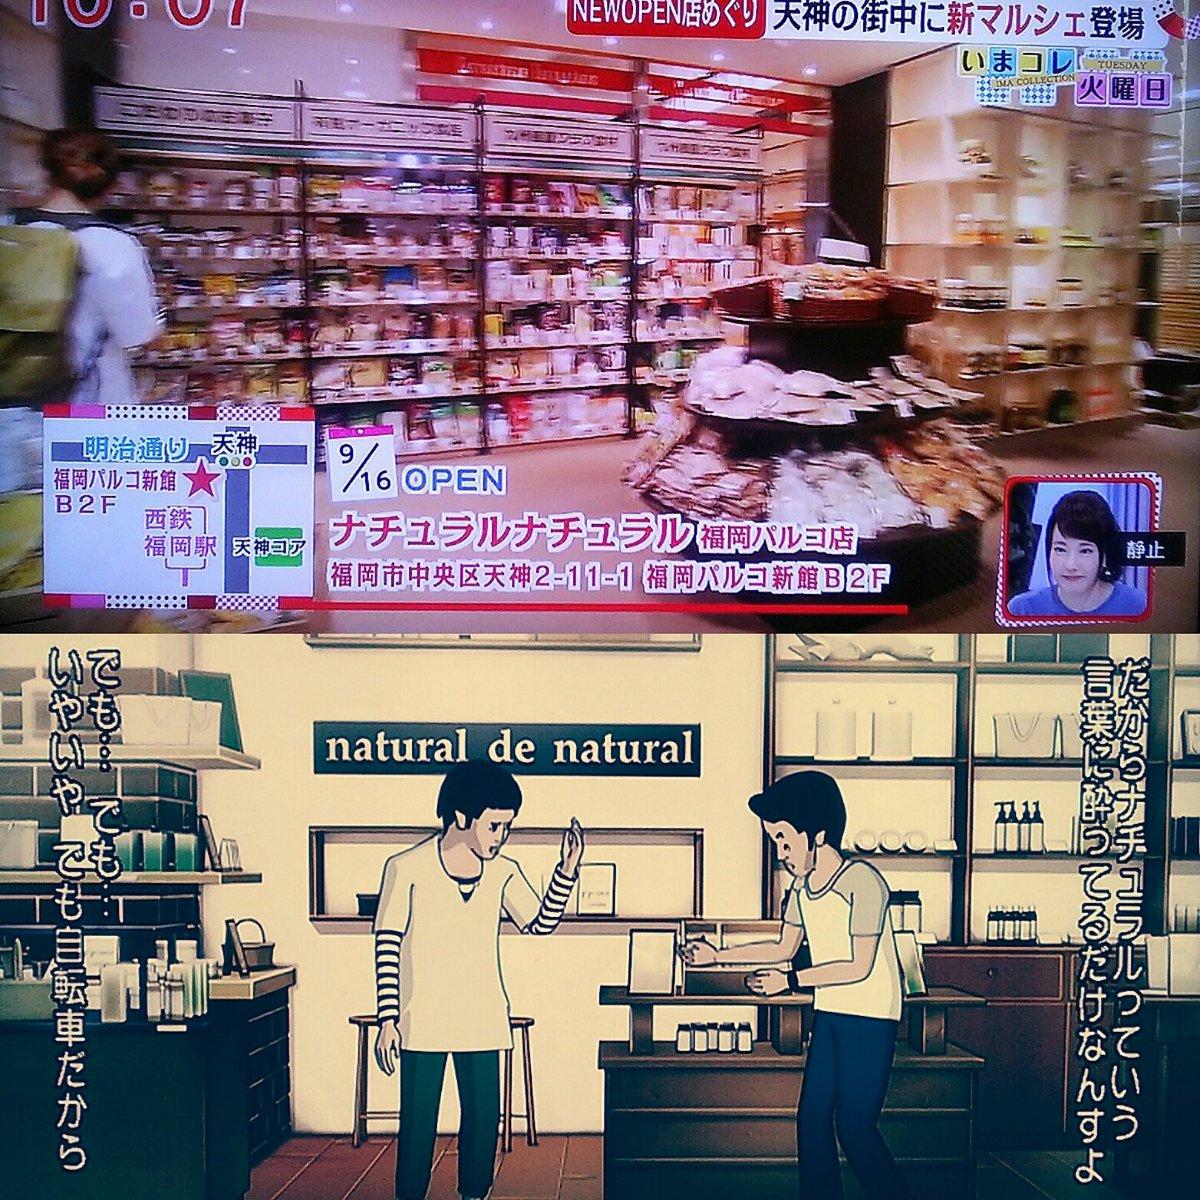 たまたまテレビ見てたらやってた!!福岡に先月オープンした「ナチュラルナチュラル」というお店…って…あれ????これって約